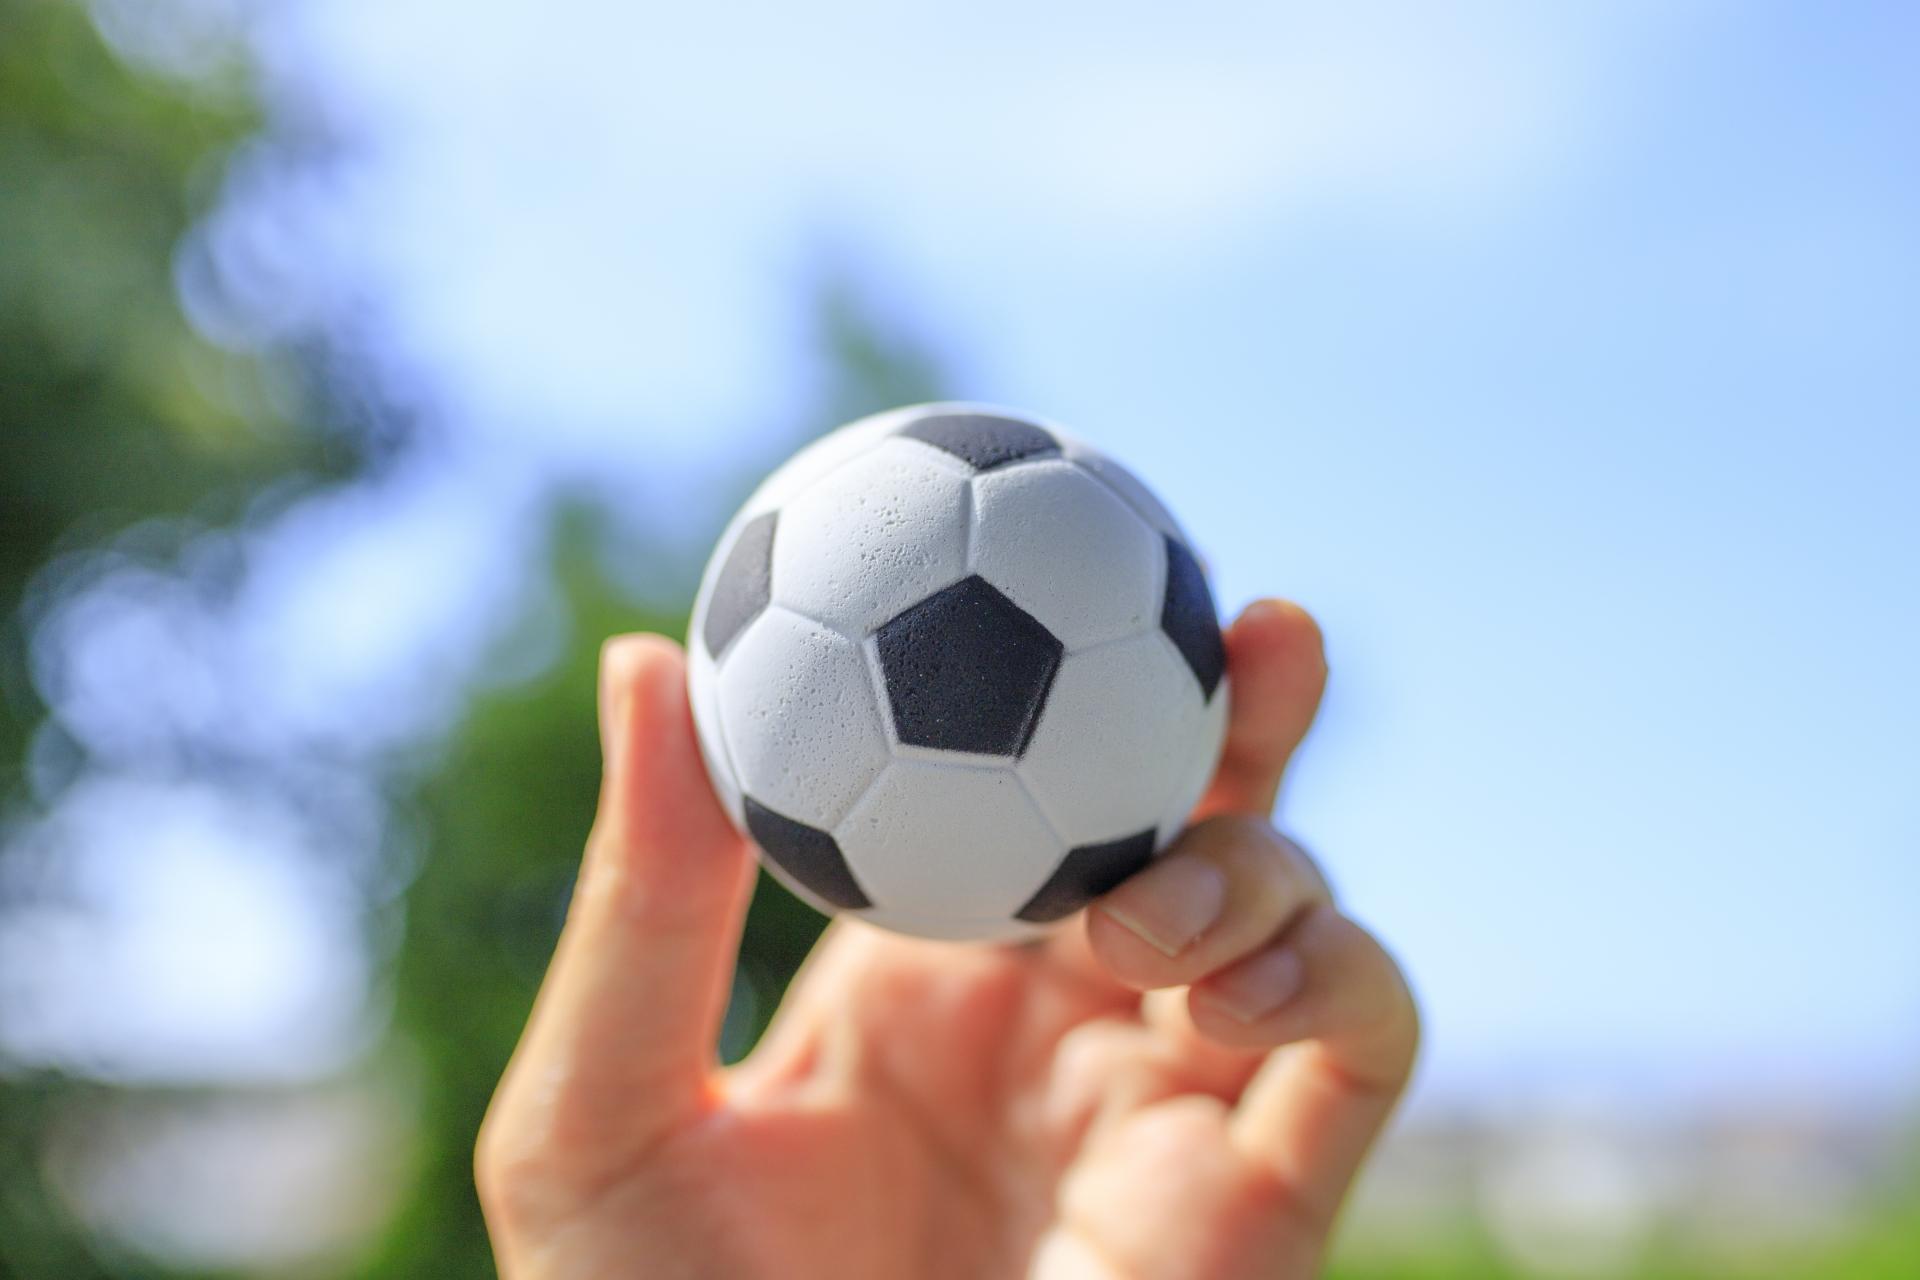 サッカーもFXも、時勢に応じて戦術が変わっていくもの